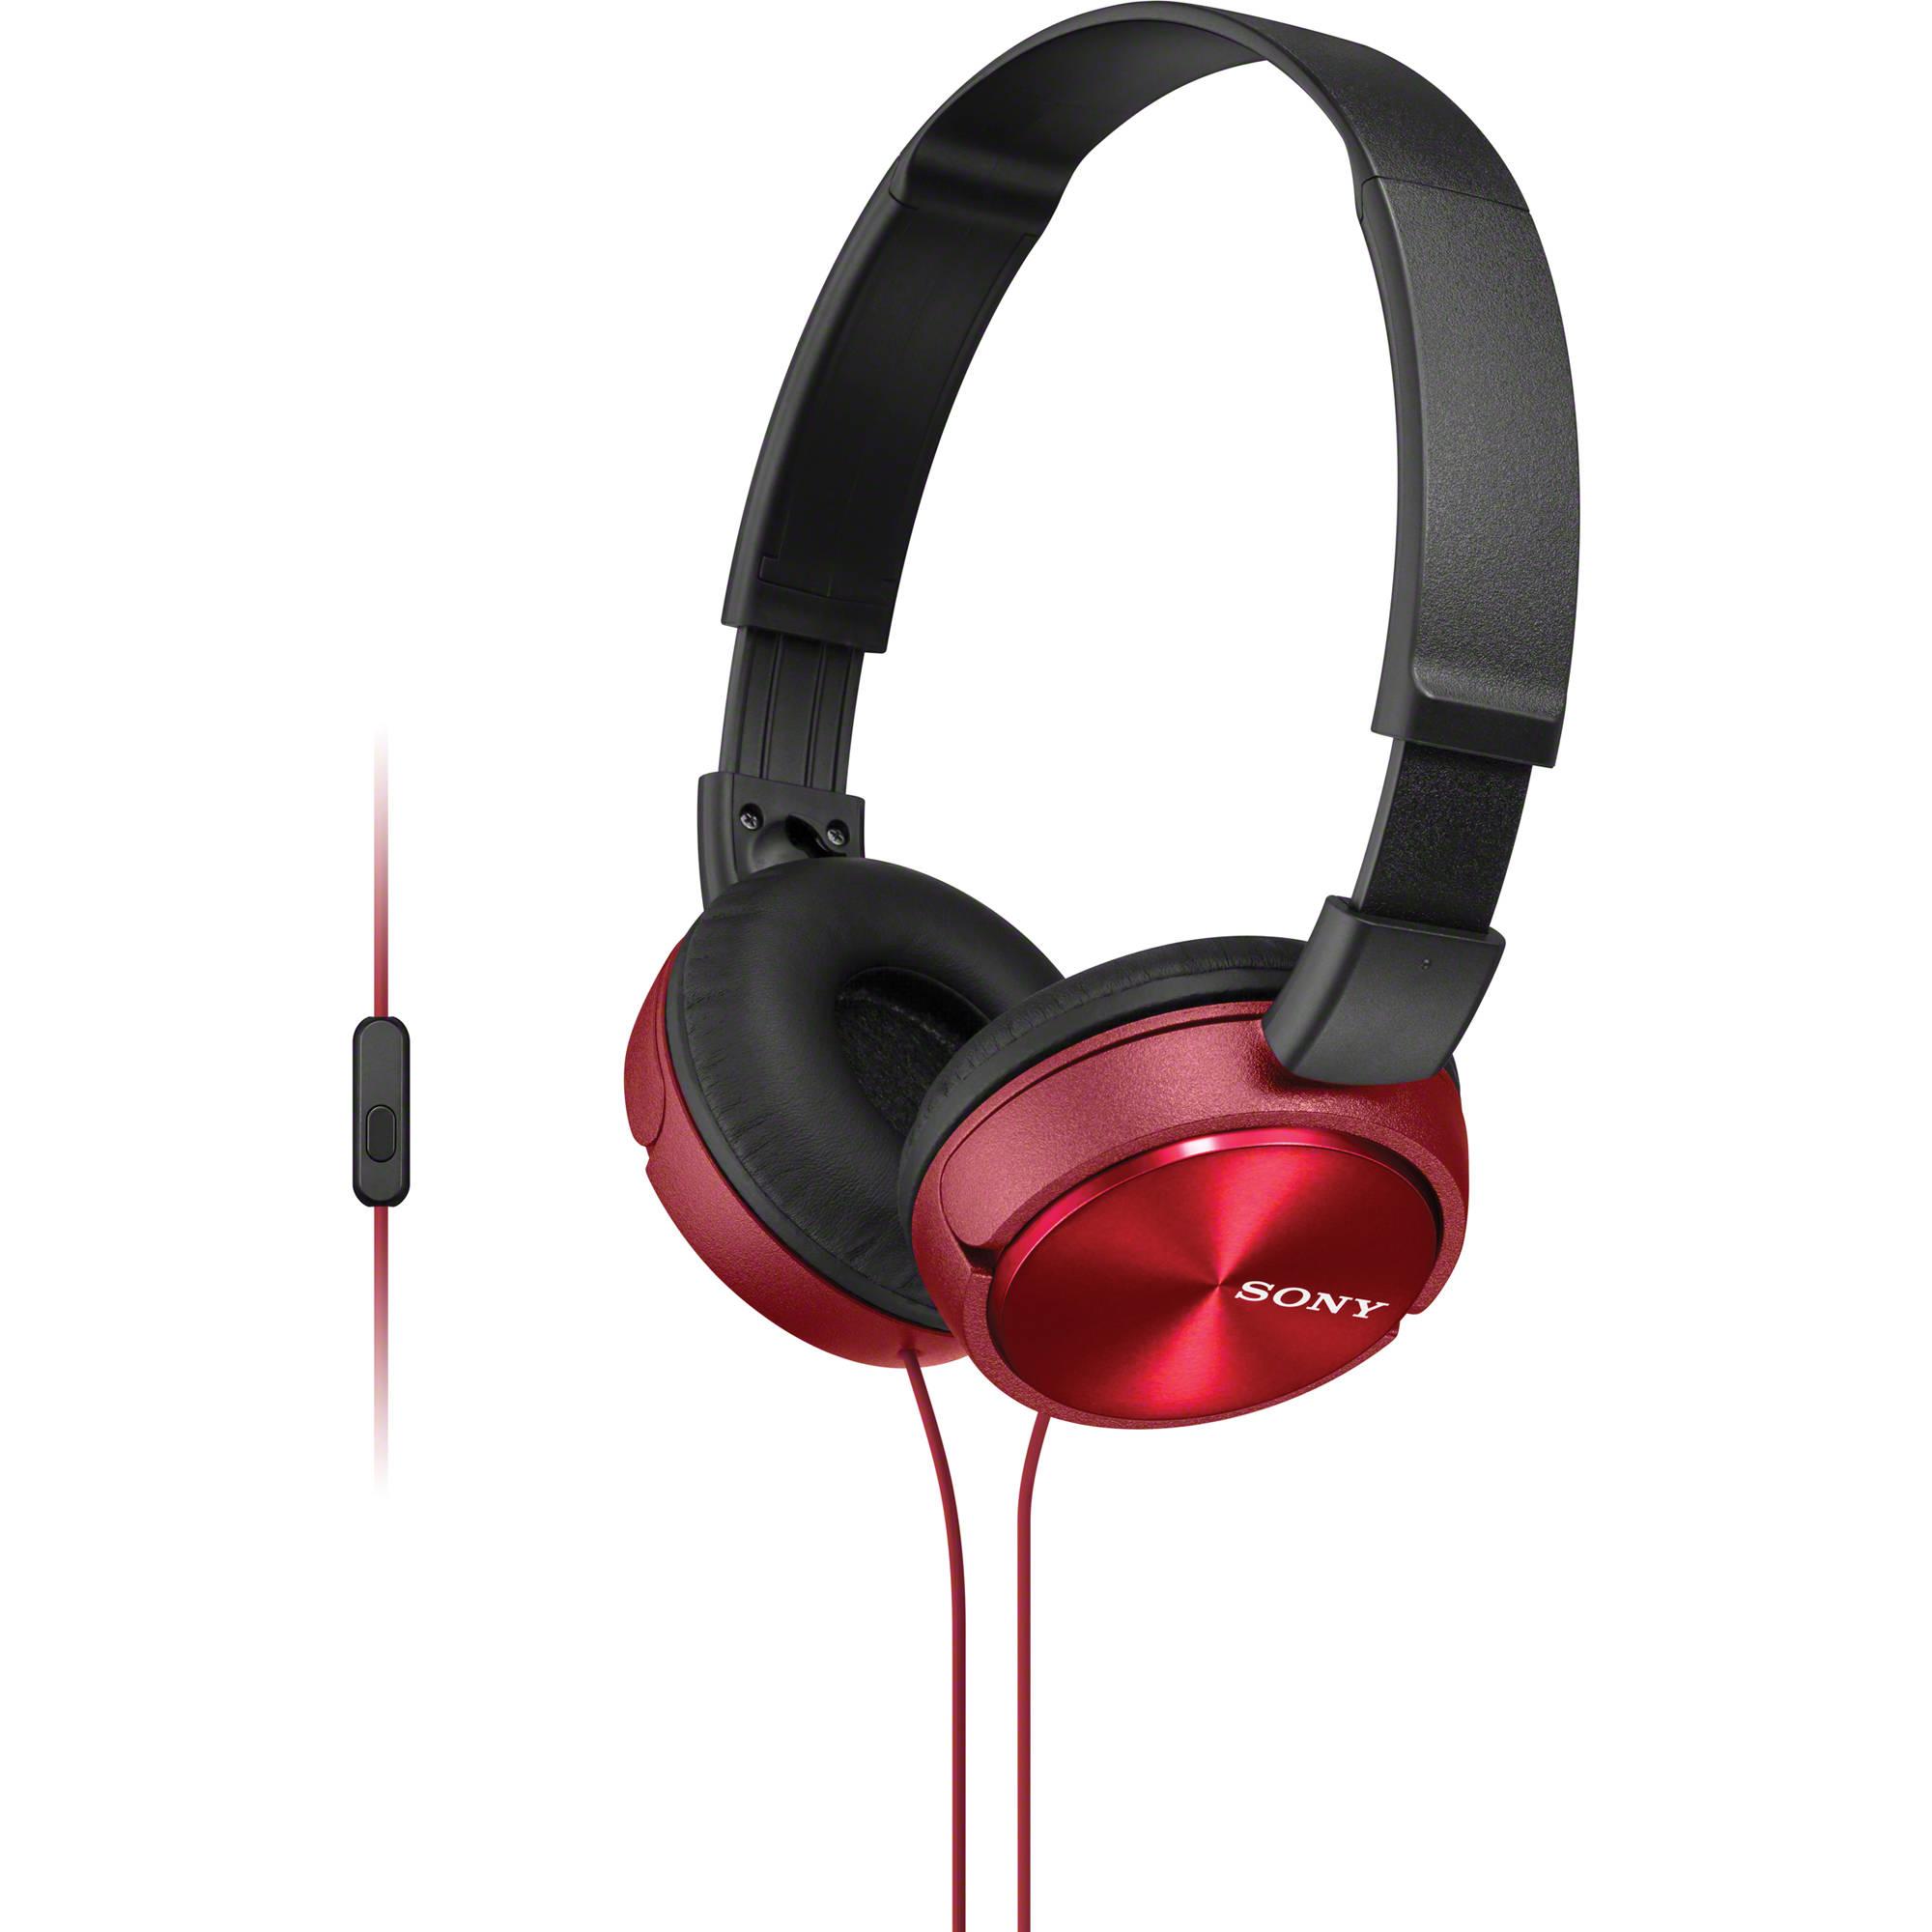 Гарнитура Sony MDR-ZX310AP RedНаушники и гарнитуры<br>&amp;lt;h2&amp;gt;Sony MDR-ZX310AP Red — наушники, которые хочется сразу купить.&amp;lt;/h2&amp;gt;<br>Компания Sony умеет объединять самые разные и, казалось, несовместимые качества, и наделять ими свои наушники. Вот и гарнитура Sony MDR-ZX310AP Red совместила в себе и демократичную цену, и высокую производительность, и качественное звучание, и красивый дизайн. Чтобы удостовериться в этом, вы прямо сейчас можете прочитать отзывы об этой модели. Как видите, владельцы таких наушников полностью разделяют наше мнение.<br>Согласитесь, трудно найти наушники с приличным звучанием по...<br><br>Тип: гарнитура<br>Тип акустического оформления: Закрытые<br>Вид наушников: Накладные<br>Тип подключения: Проводные<br>Диапазон воспроизводимых частот, Гц: 10-24000<br>Сопротивление, Импеданс: 24 Ом<br>Чувствительность дБ: 98<br>Микрофон: есть